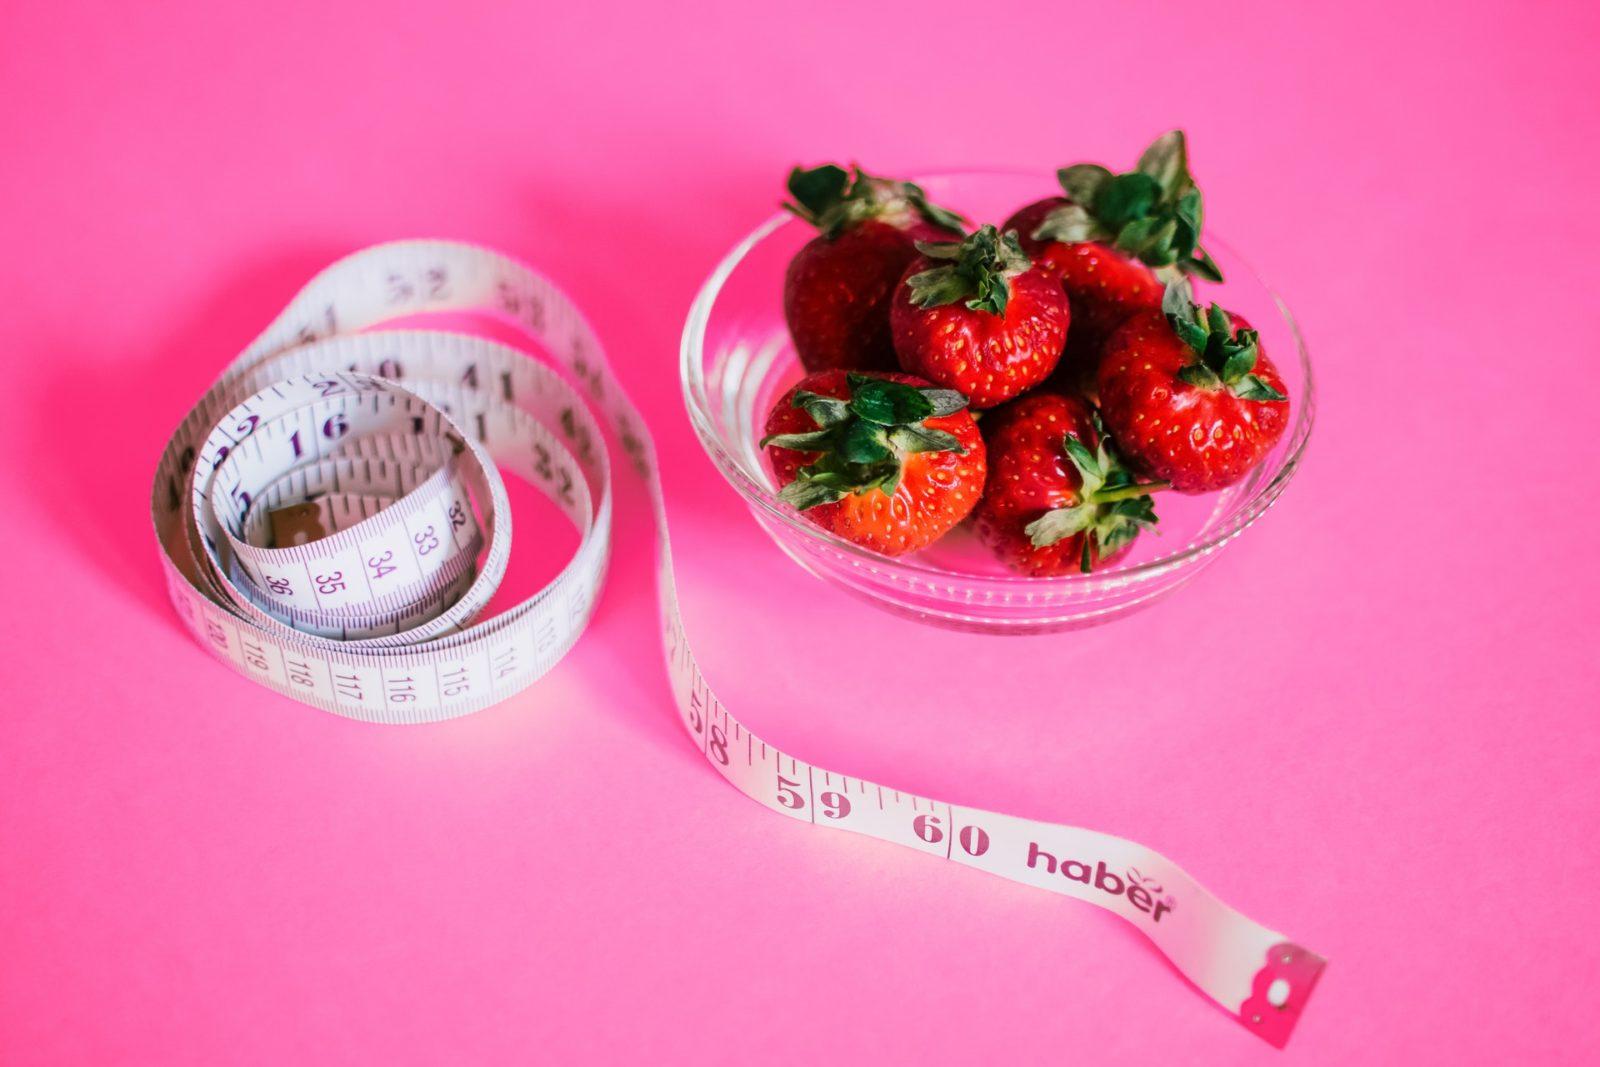 БЖУ для похудения, калькулятор для расчета онлайн КБЖУ, соотношение белков жиров и углеводов